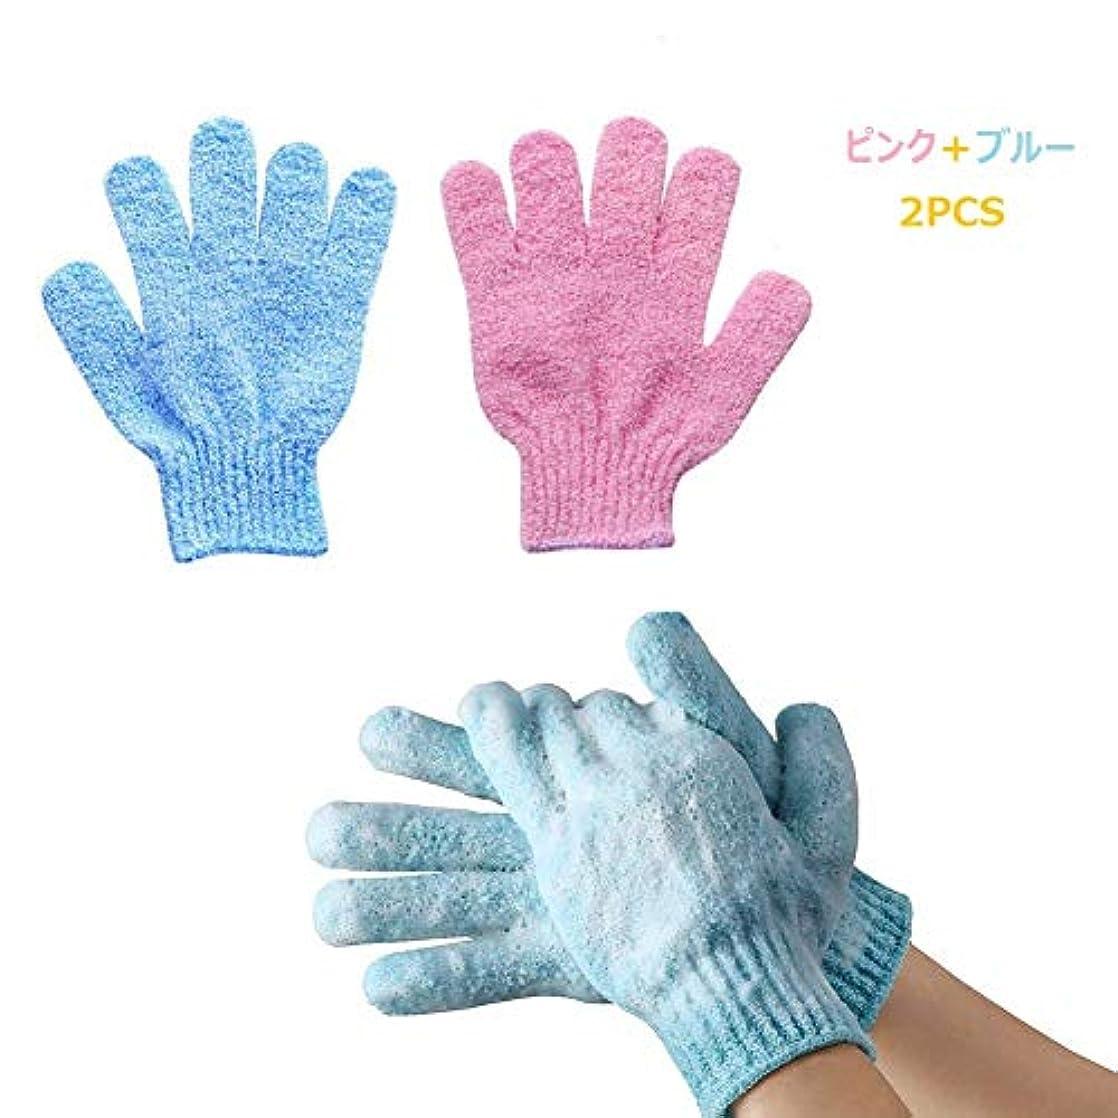 幼児つま先ステートメントROOFTOPS お風呂手袋 五本指 シャワーグローブ 泡立ち 柔らかい 入浴用品 角質除去 垢すり 2PCS (ピンク+ブルー)